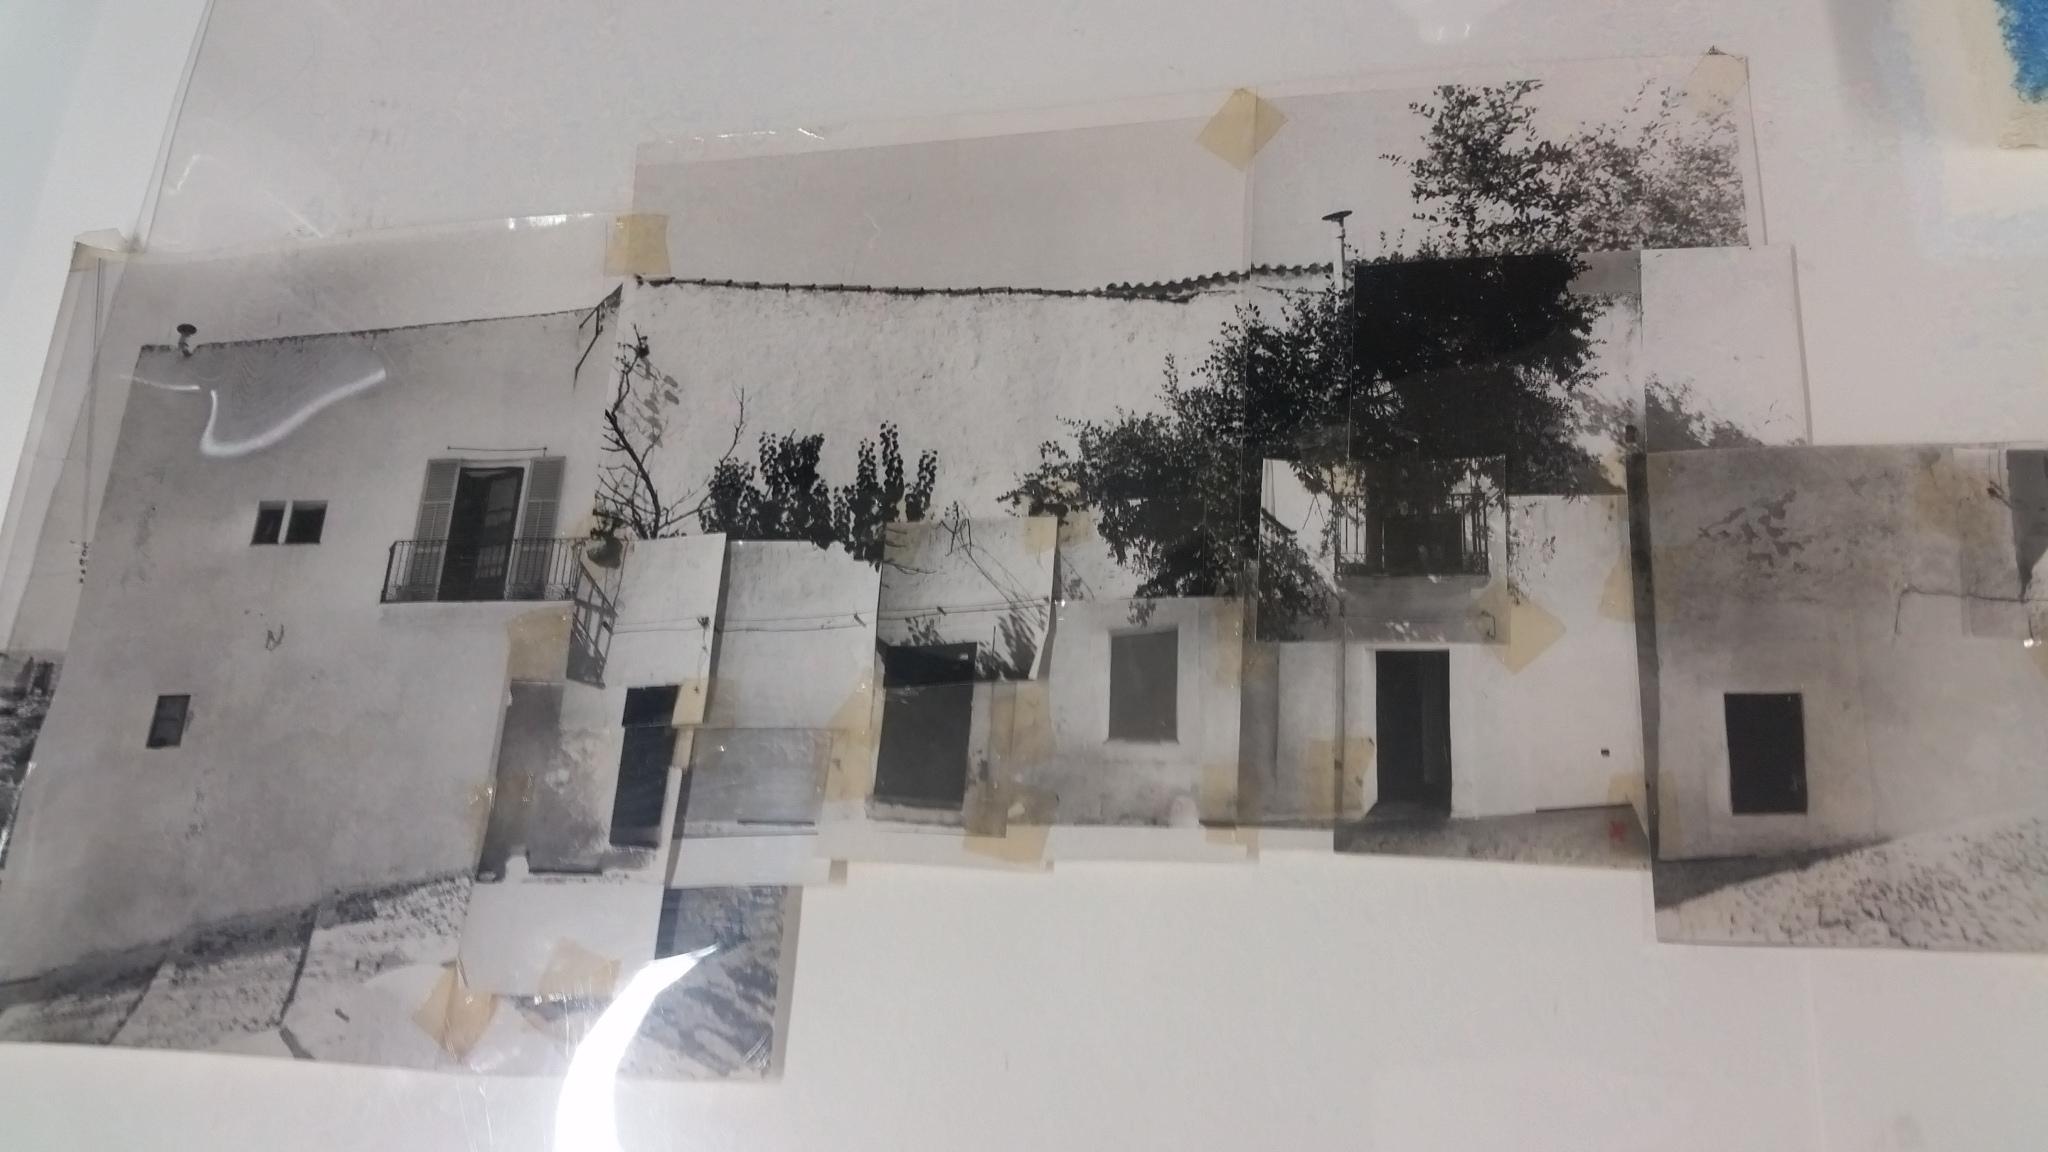 Fotografías originales (actualmente en restauración) que Luis Cervera Miralles usó para dibujar las planimetrías en su libros